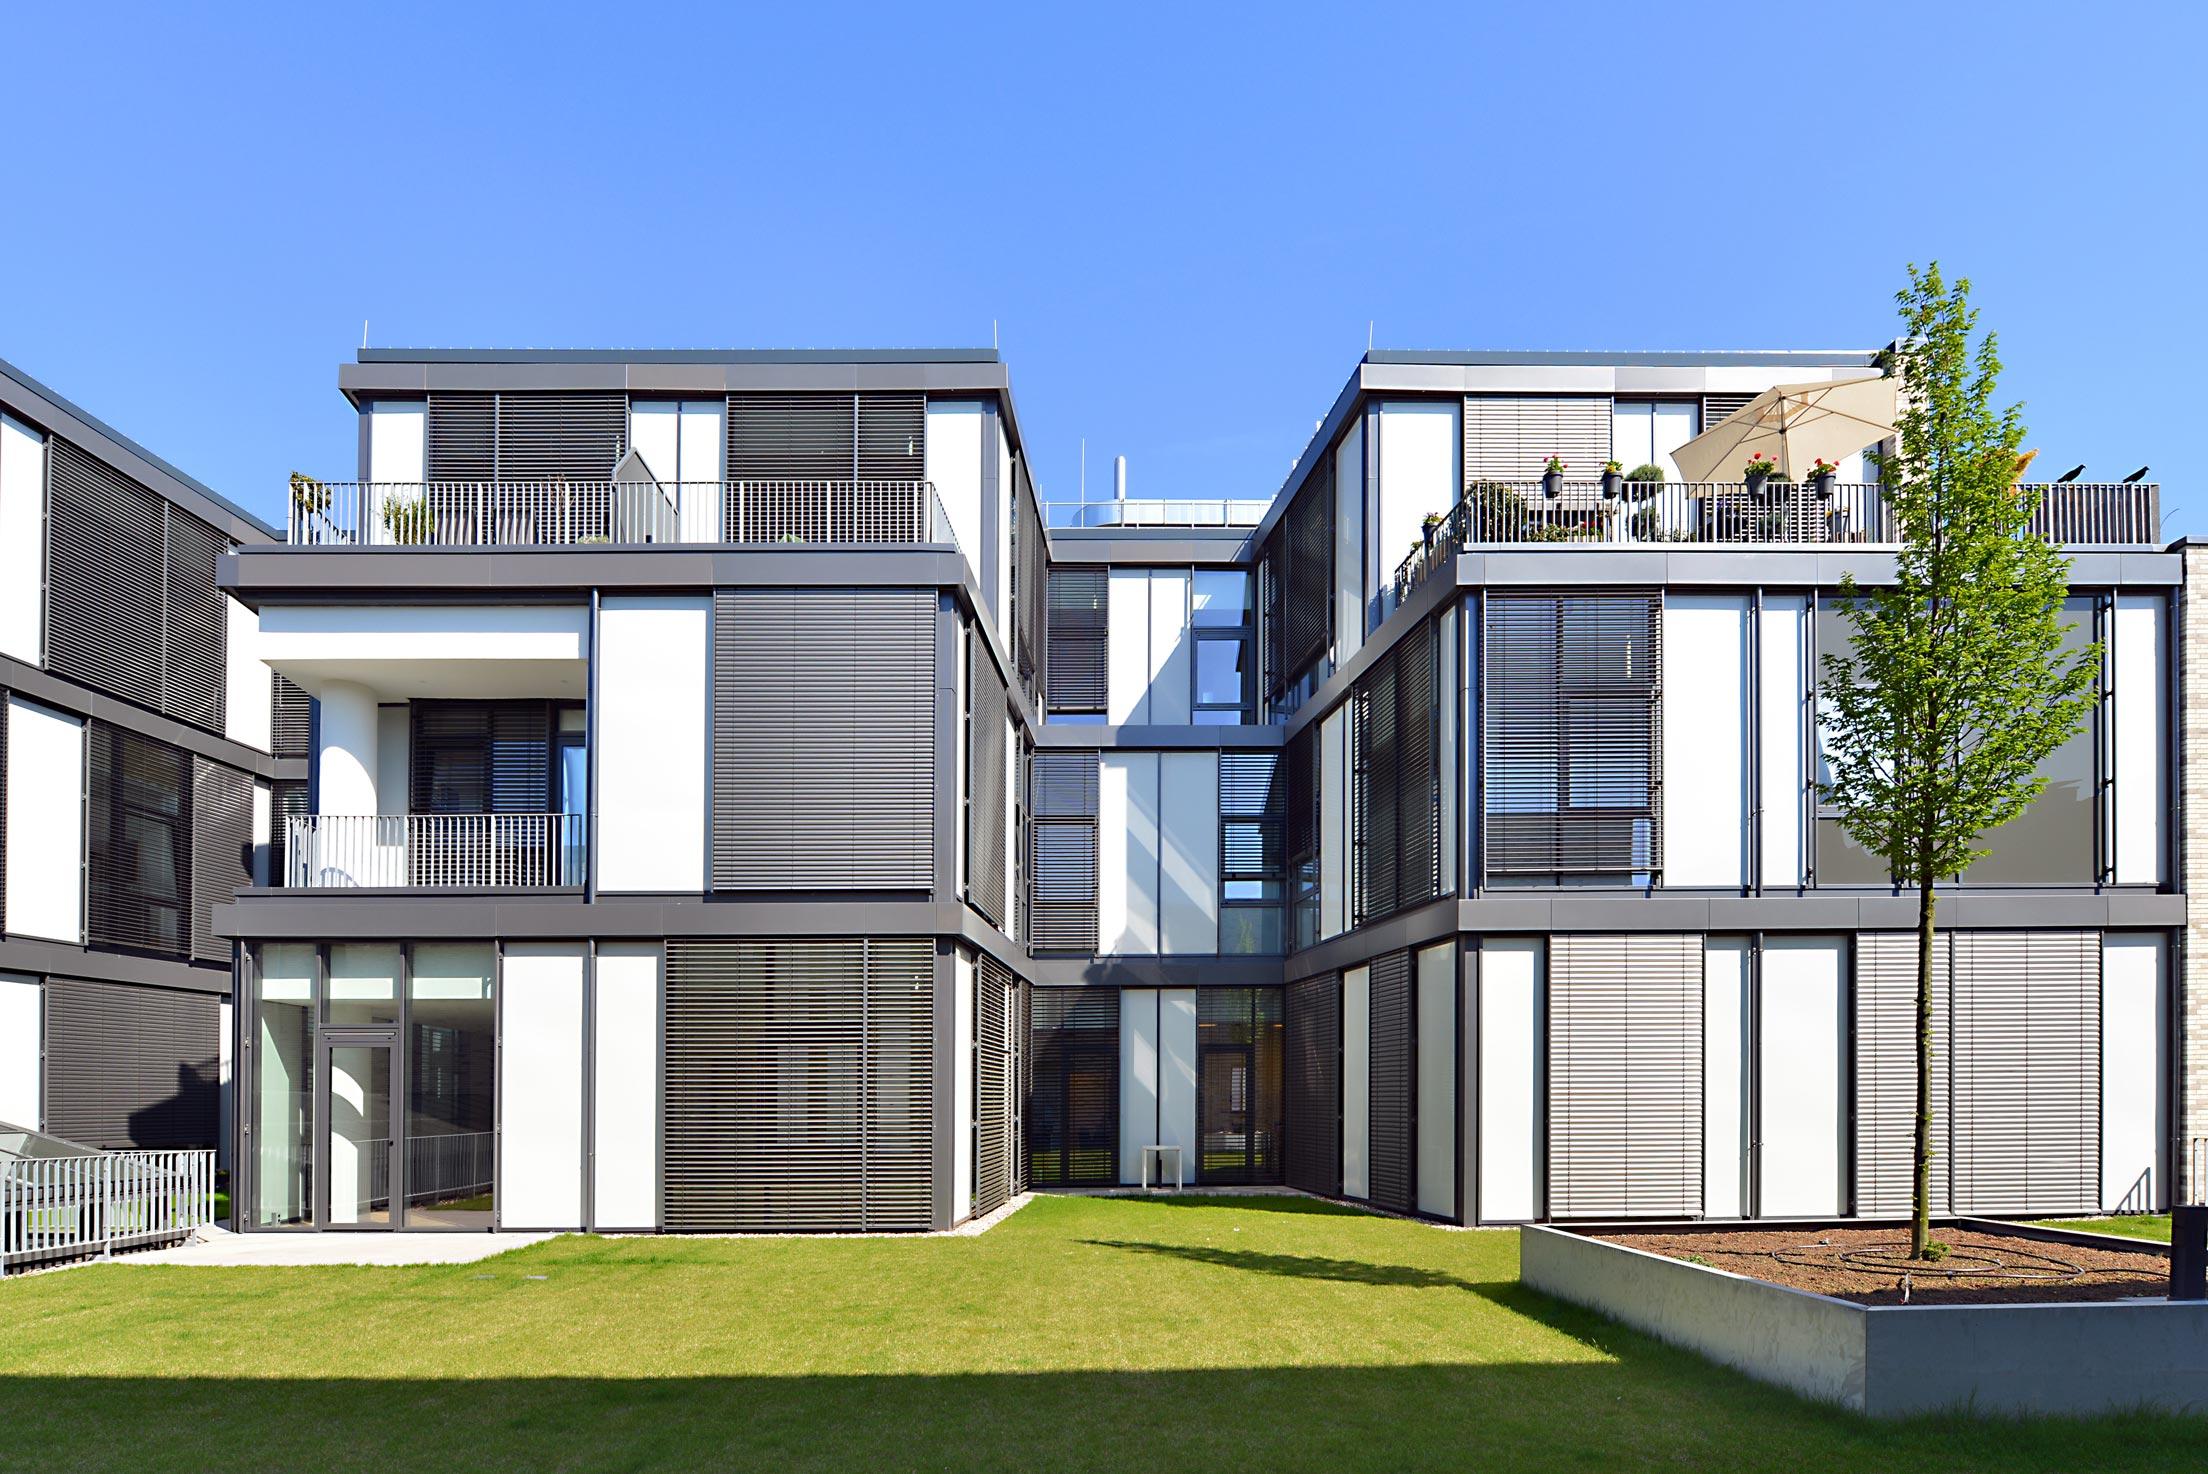 Umbau Wohn- und Geschäftshaus ehemals Hertie Lünen